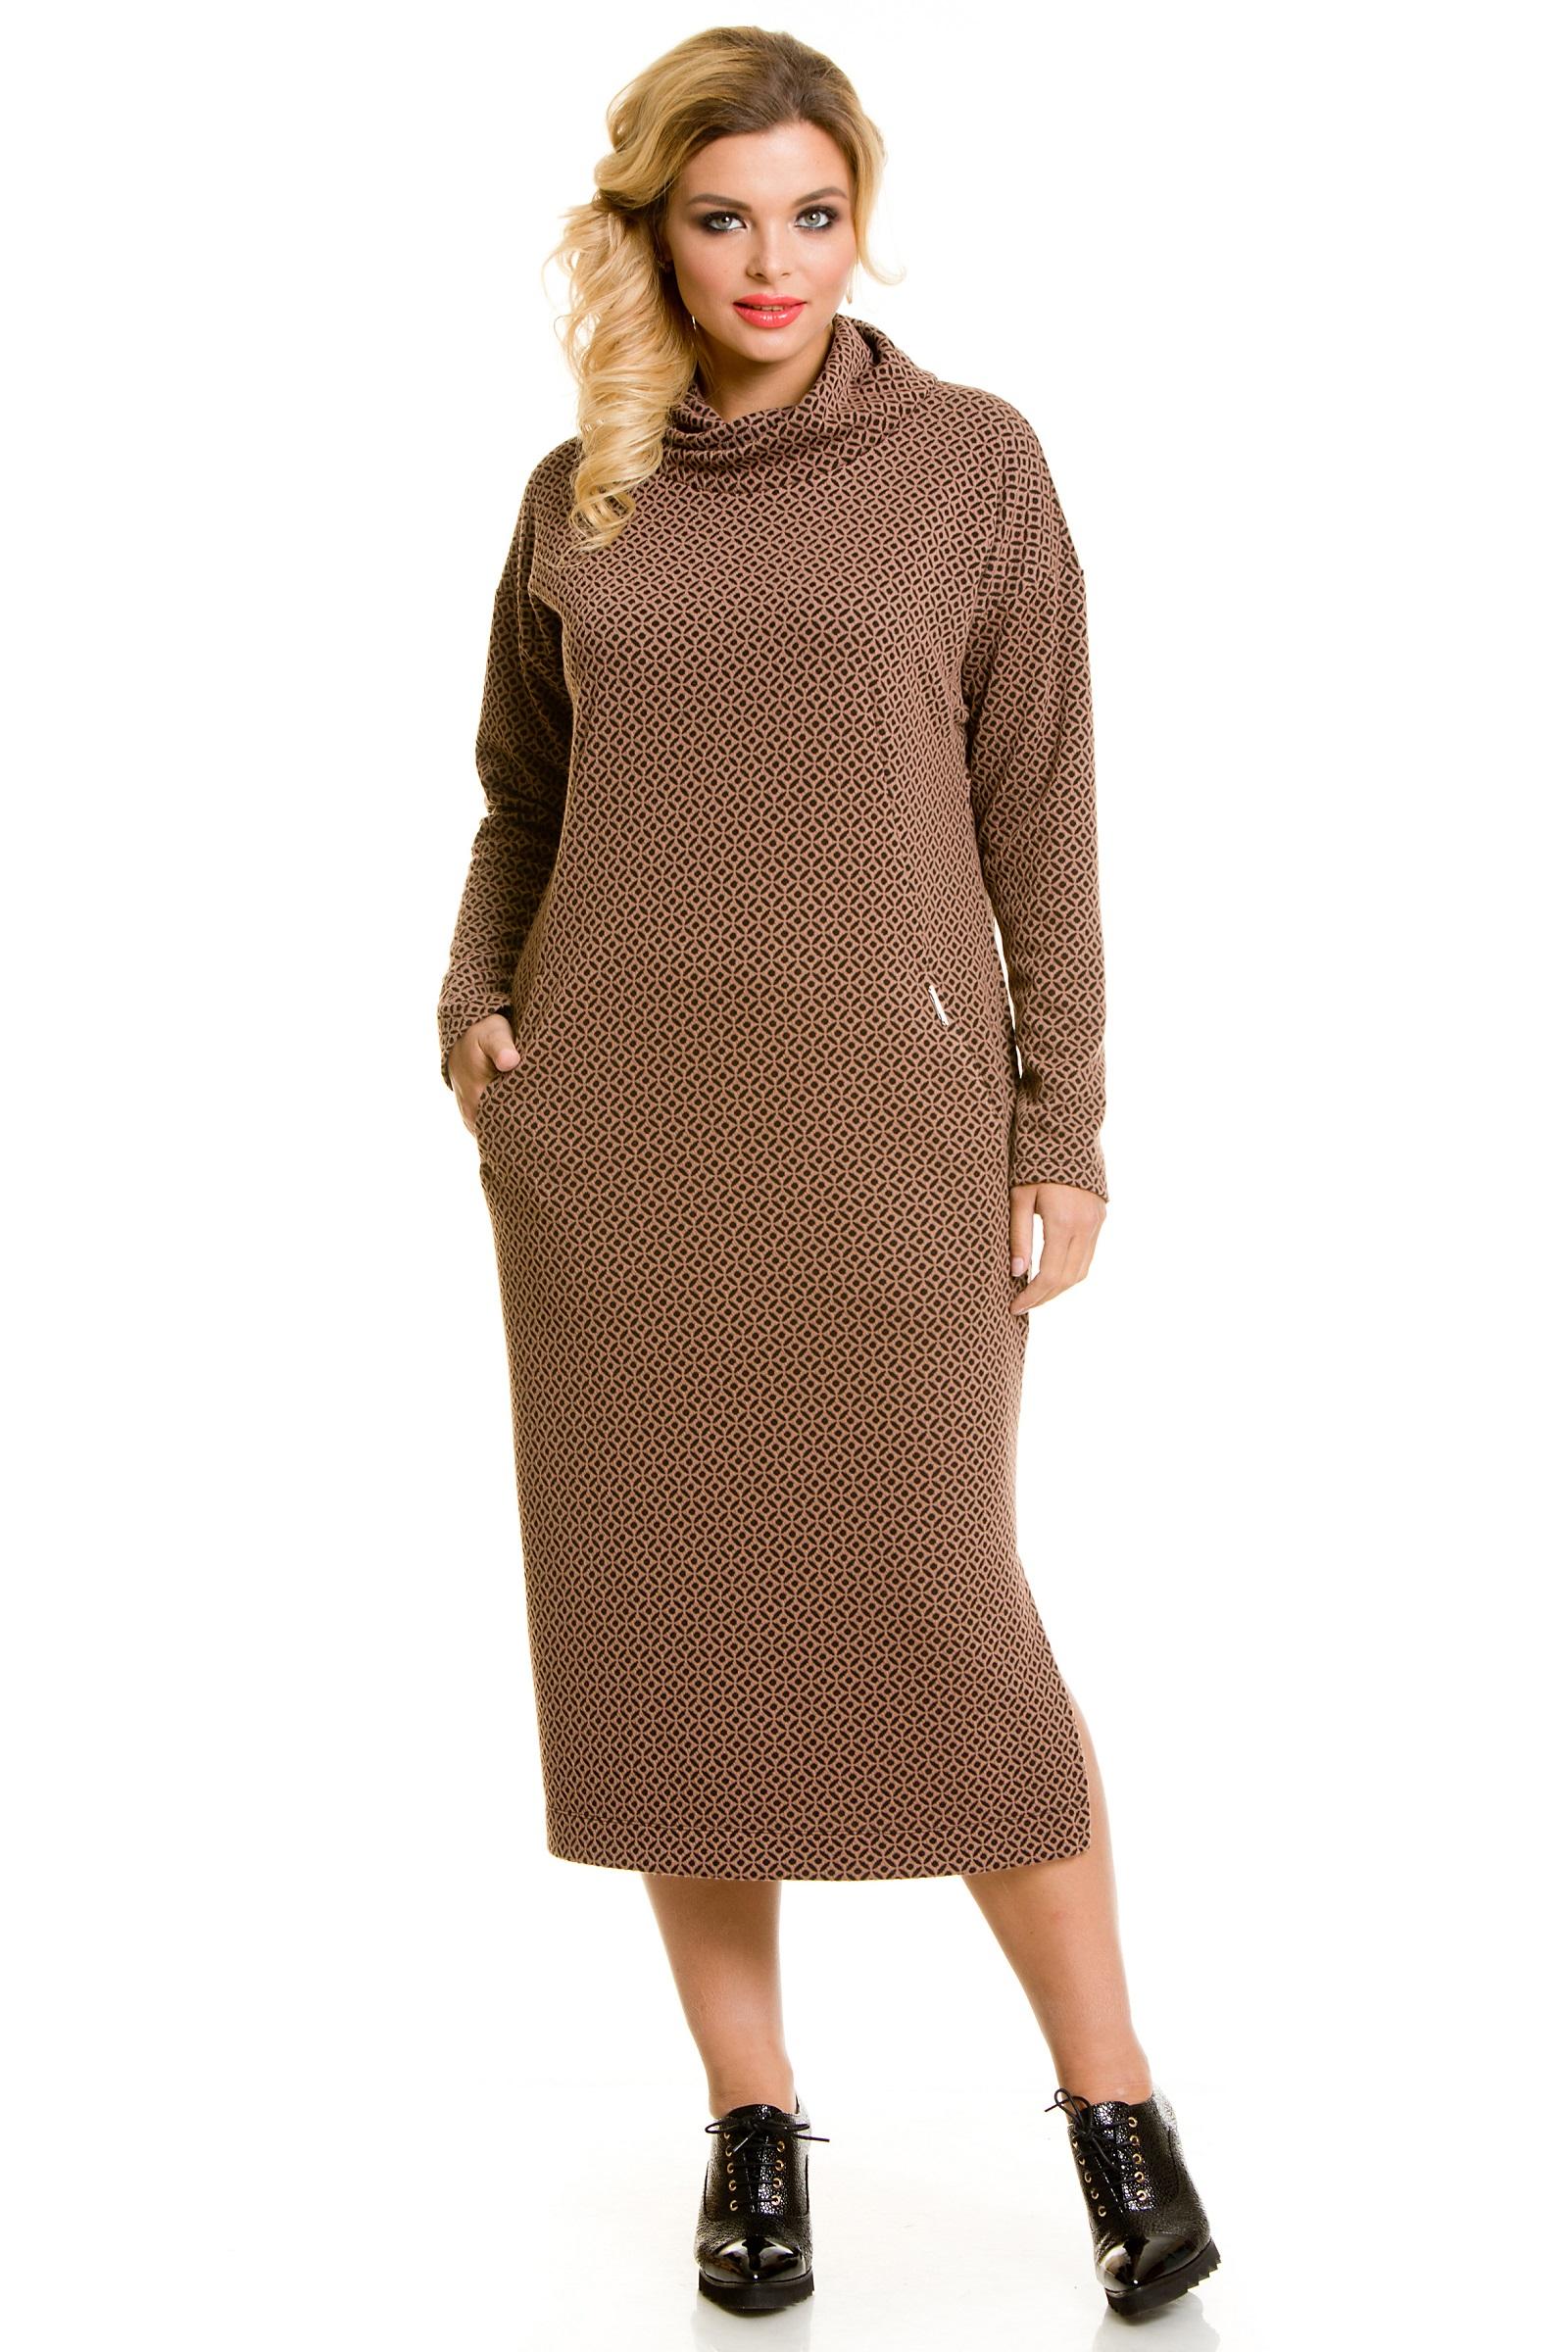 a03e695aab39 Женская одежда оптом от производителя   Интернет-магазин VENUSITA оптовая  продажа женской одежды по низким ценам